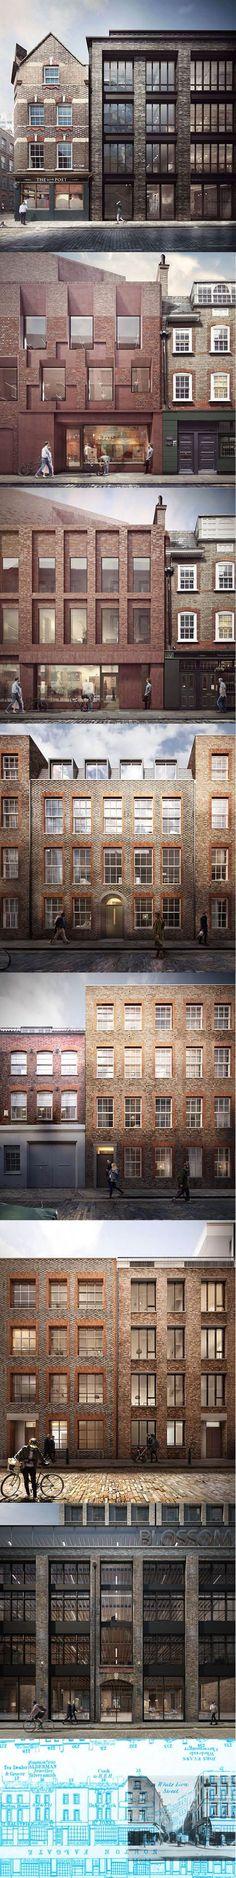 2015 Duggan Morris - Blossom Street / concept / London UK / brick / AHMM…